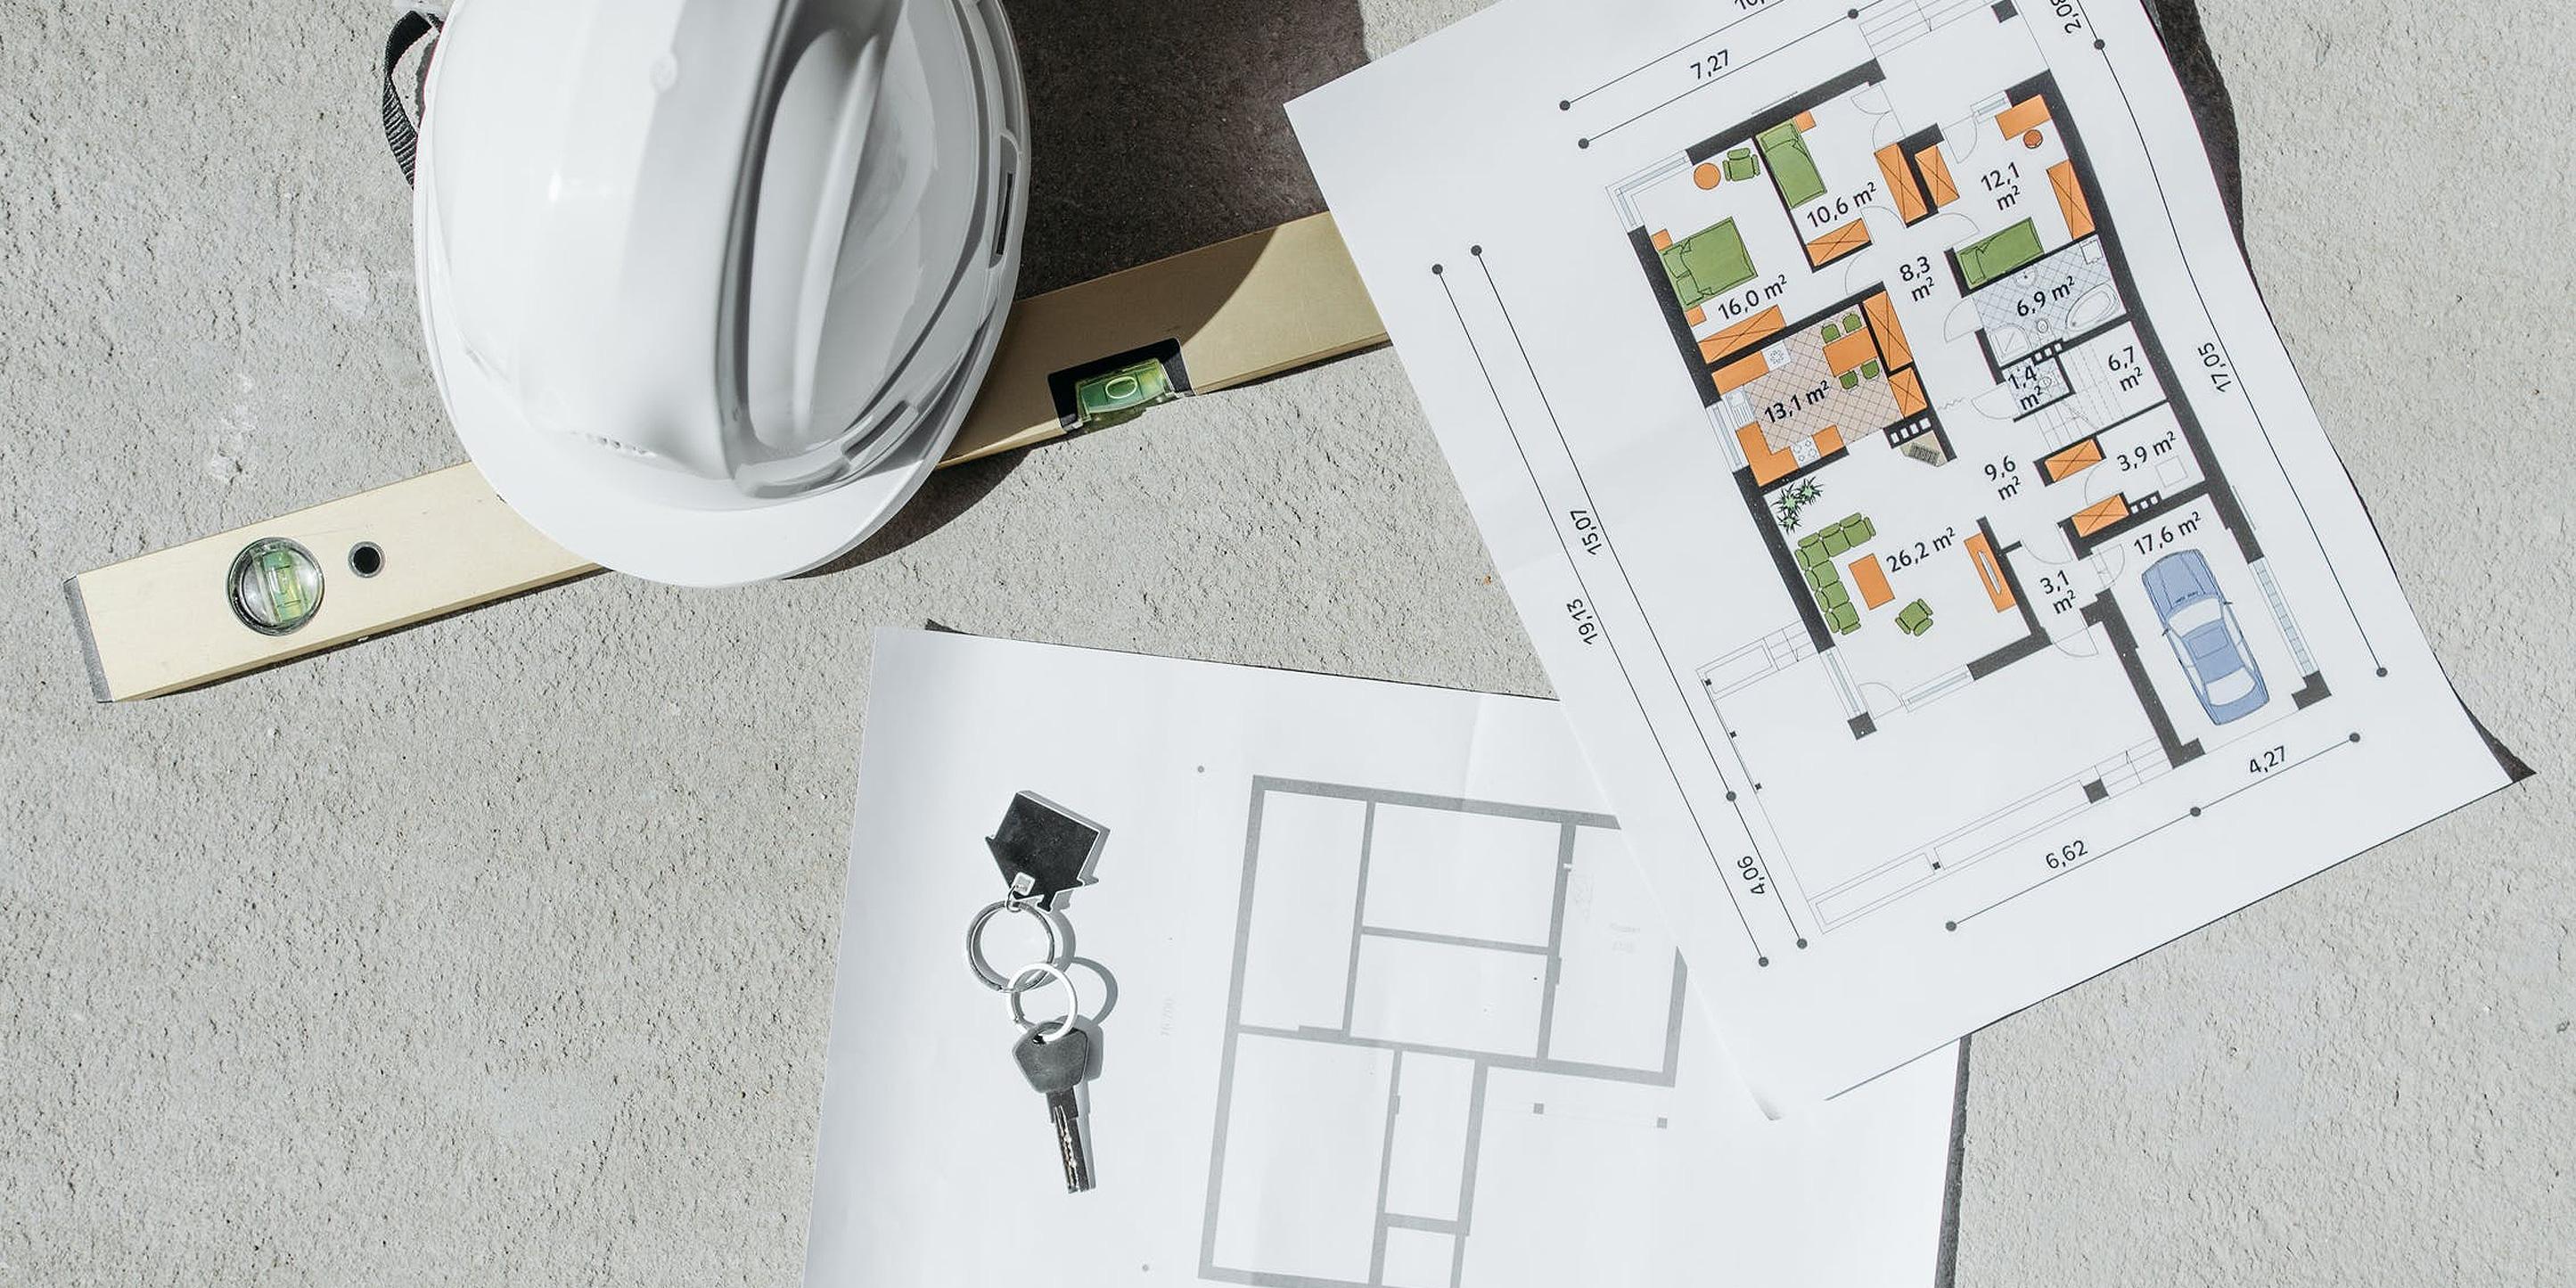 Man sieht einen Grundriss, eine Wasserwaage, einen Bauhelm und einen Schlüssel mit Schlüsselanhänger in Form eines Hauses.